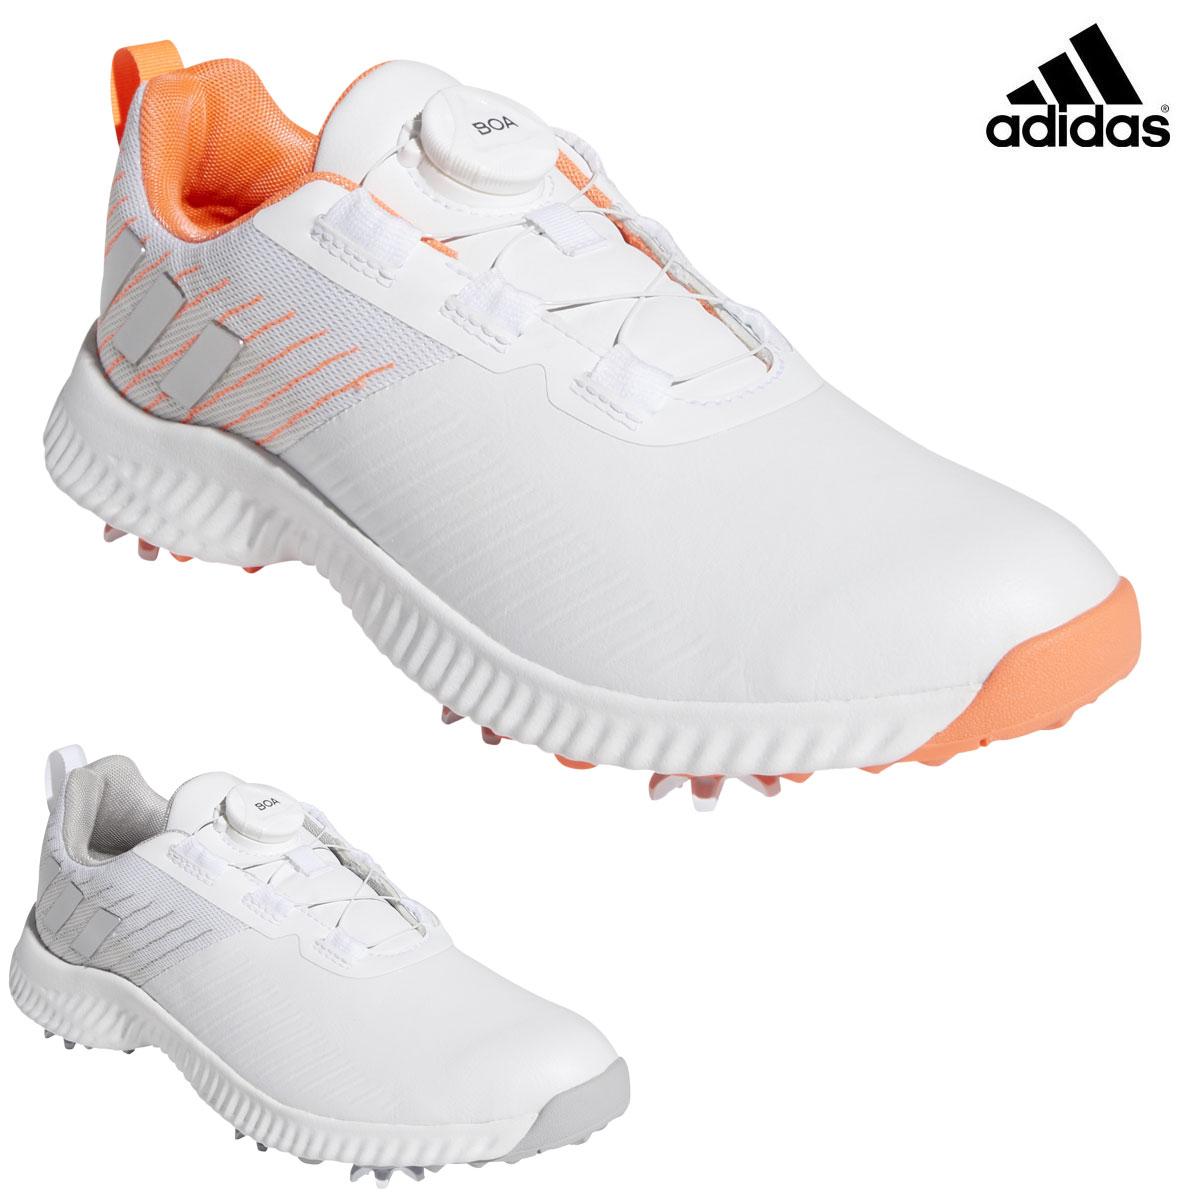 adidas Golf(アディダスゴルフ)日本正規品 ウィメンズ レスポンス バウンス BOA2 ソフトスパイクゴルフシューズ 2020新製品 「FBA90」 【あす楽対応】